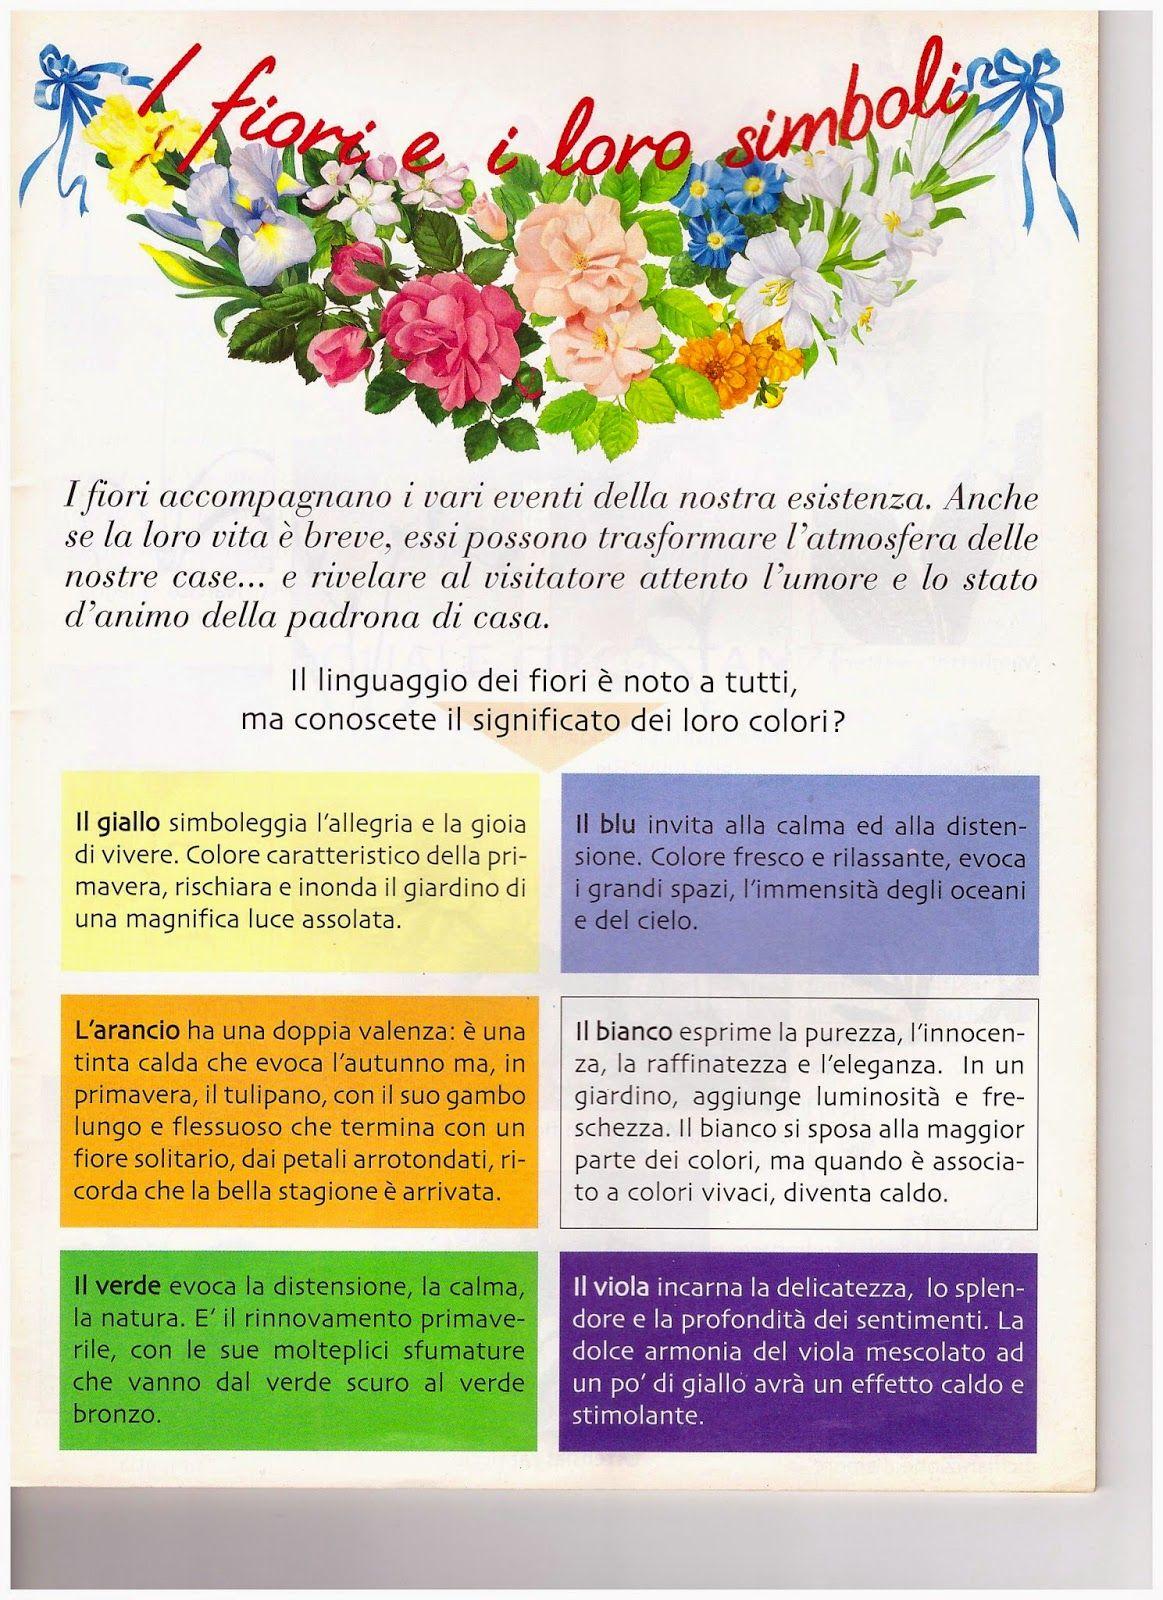 Fiori Di Stagione Settembre fiori all'uncinetto settembre 2002 alexandra editrice